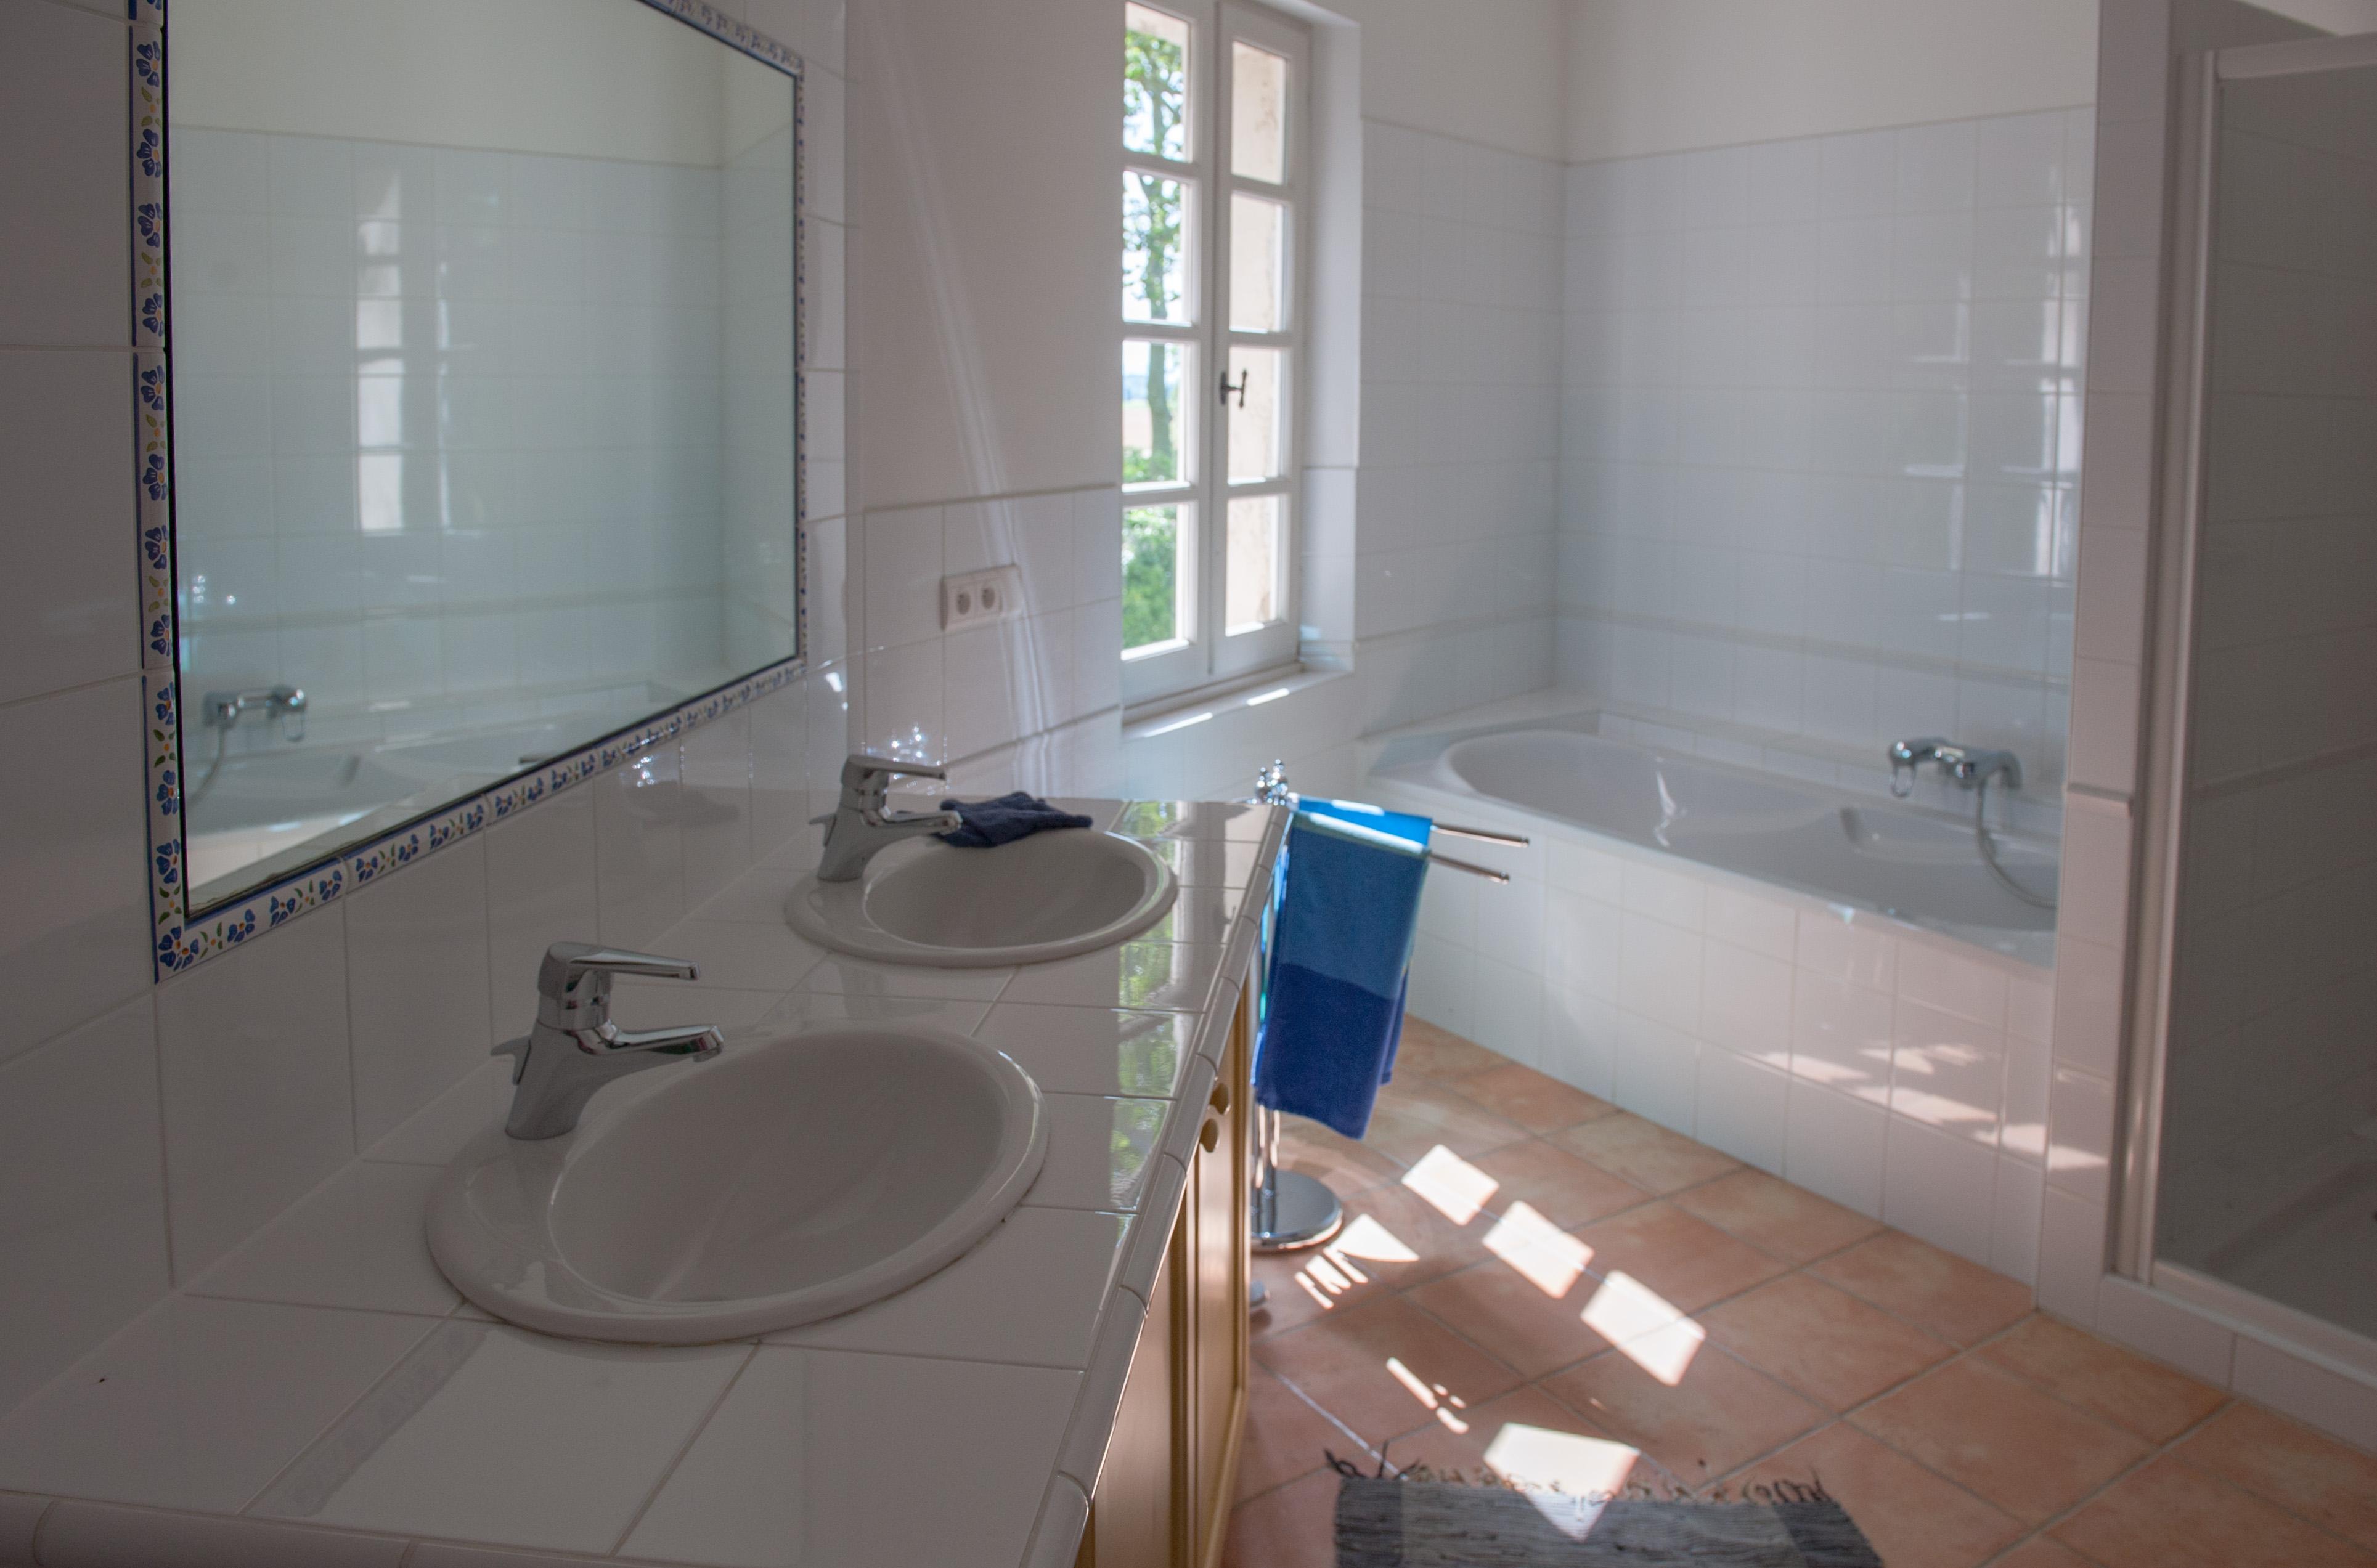 Salle de bain petite baignoire for Salle de bain avec toilette